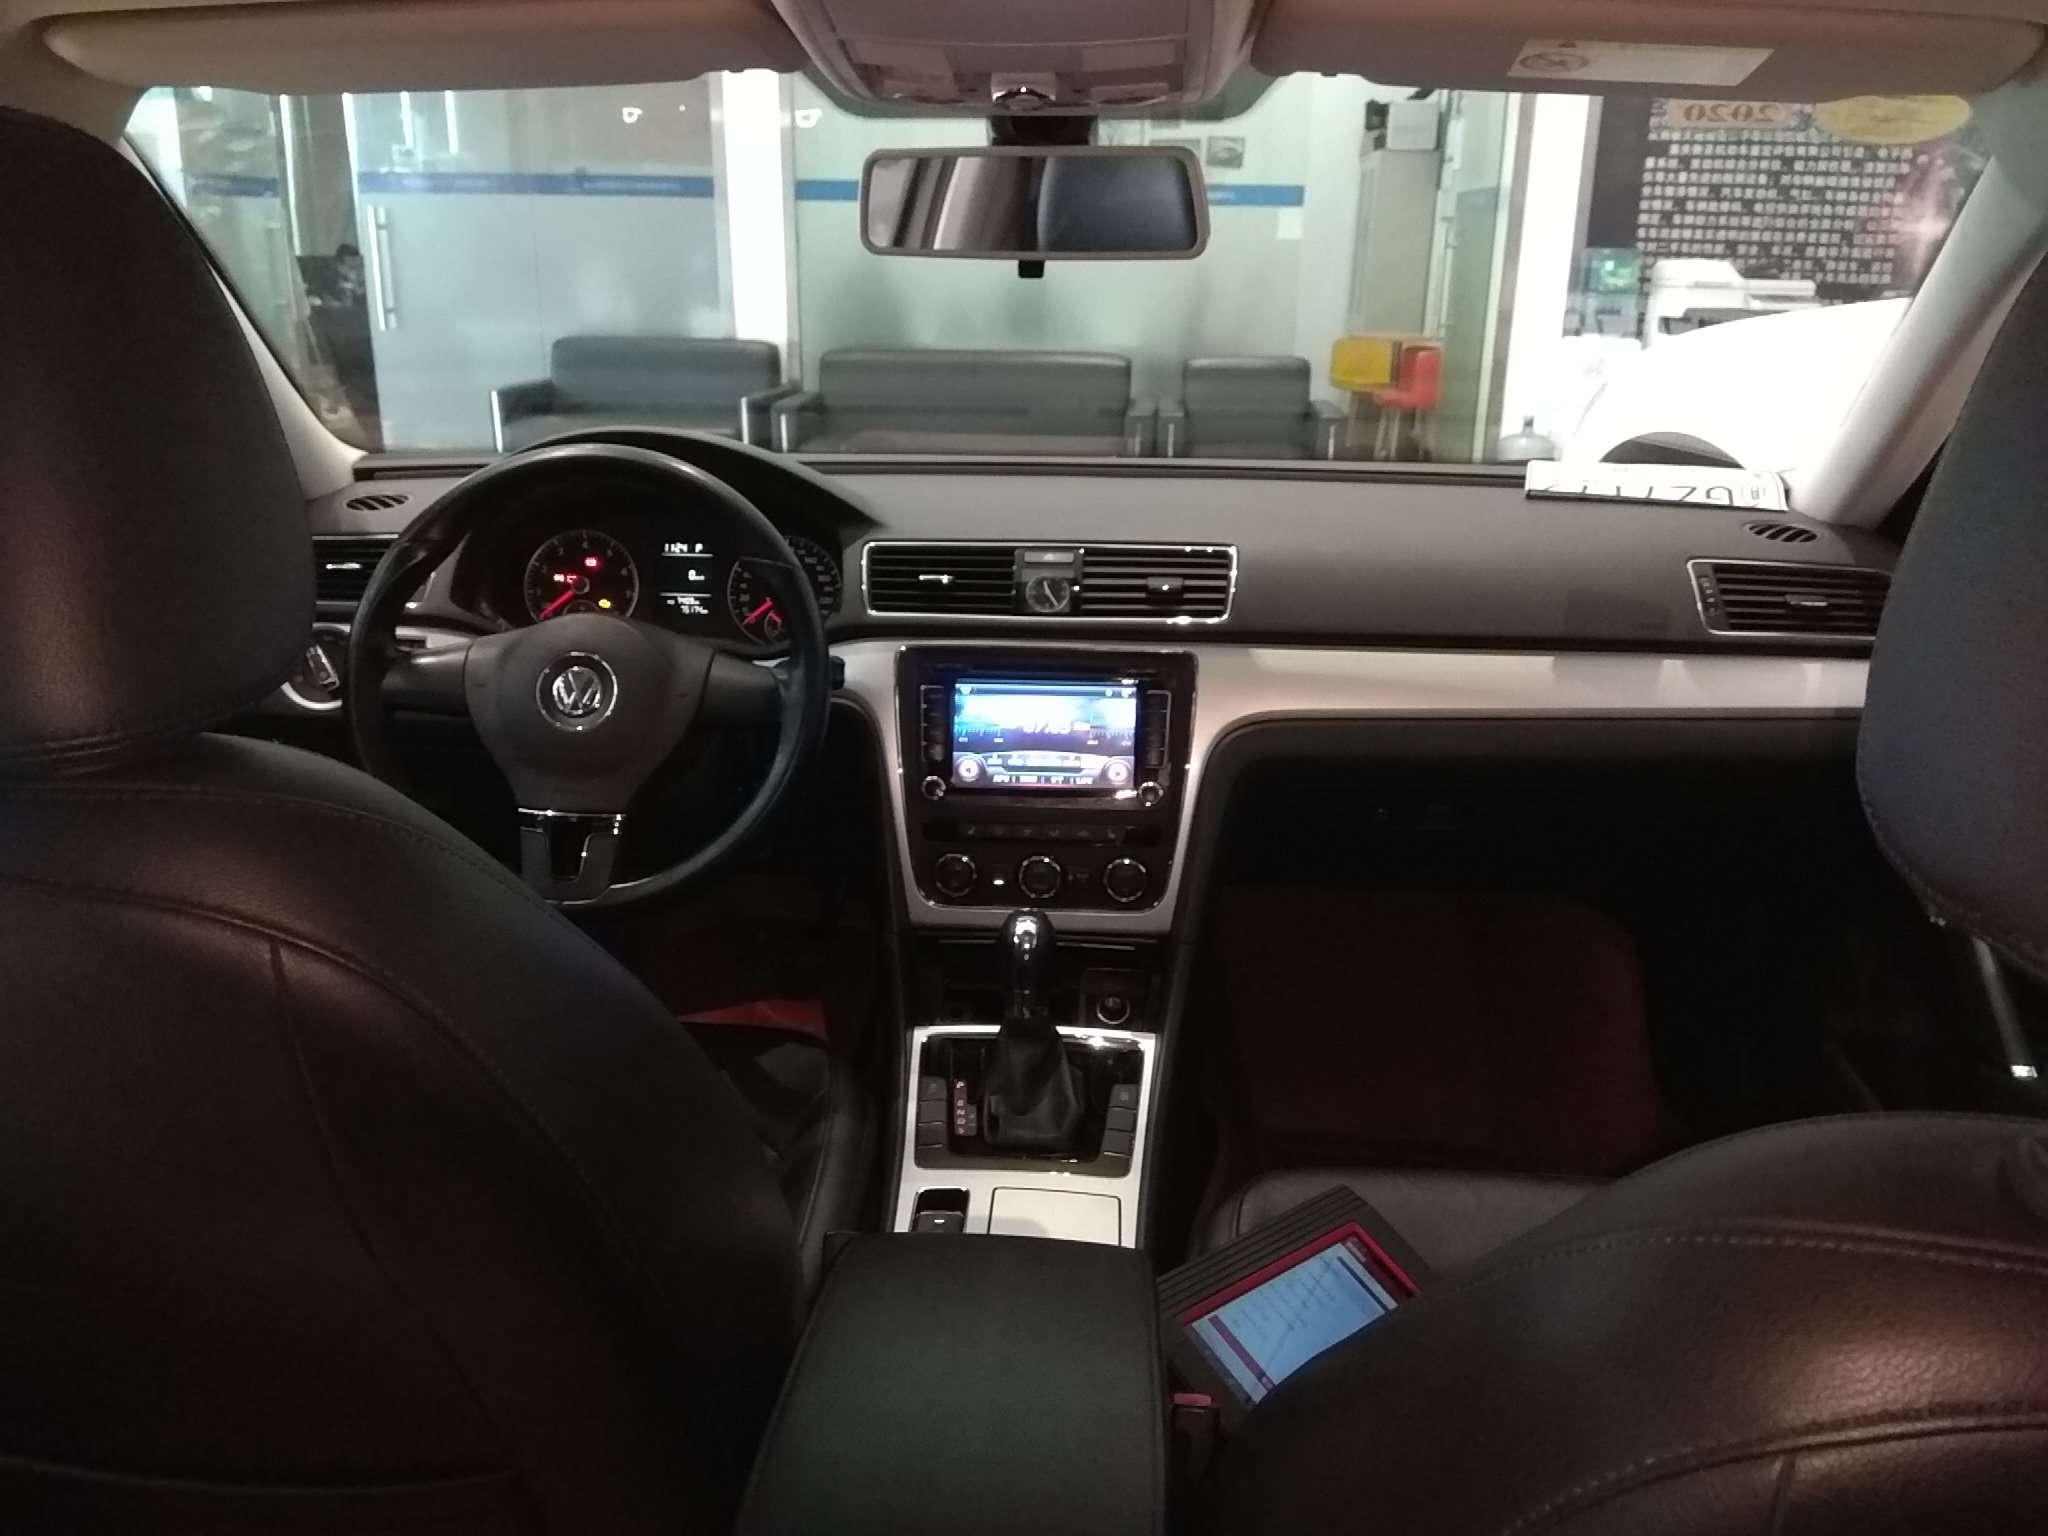 精真估提供二手车大众 帕萨特 2014款 1.8T 双离合 TSI尊荣版